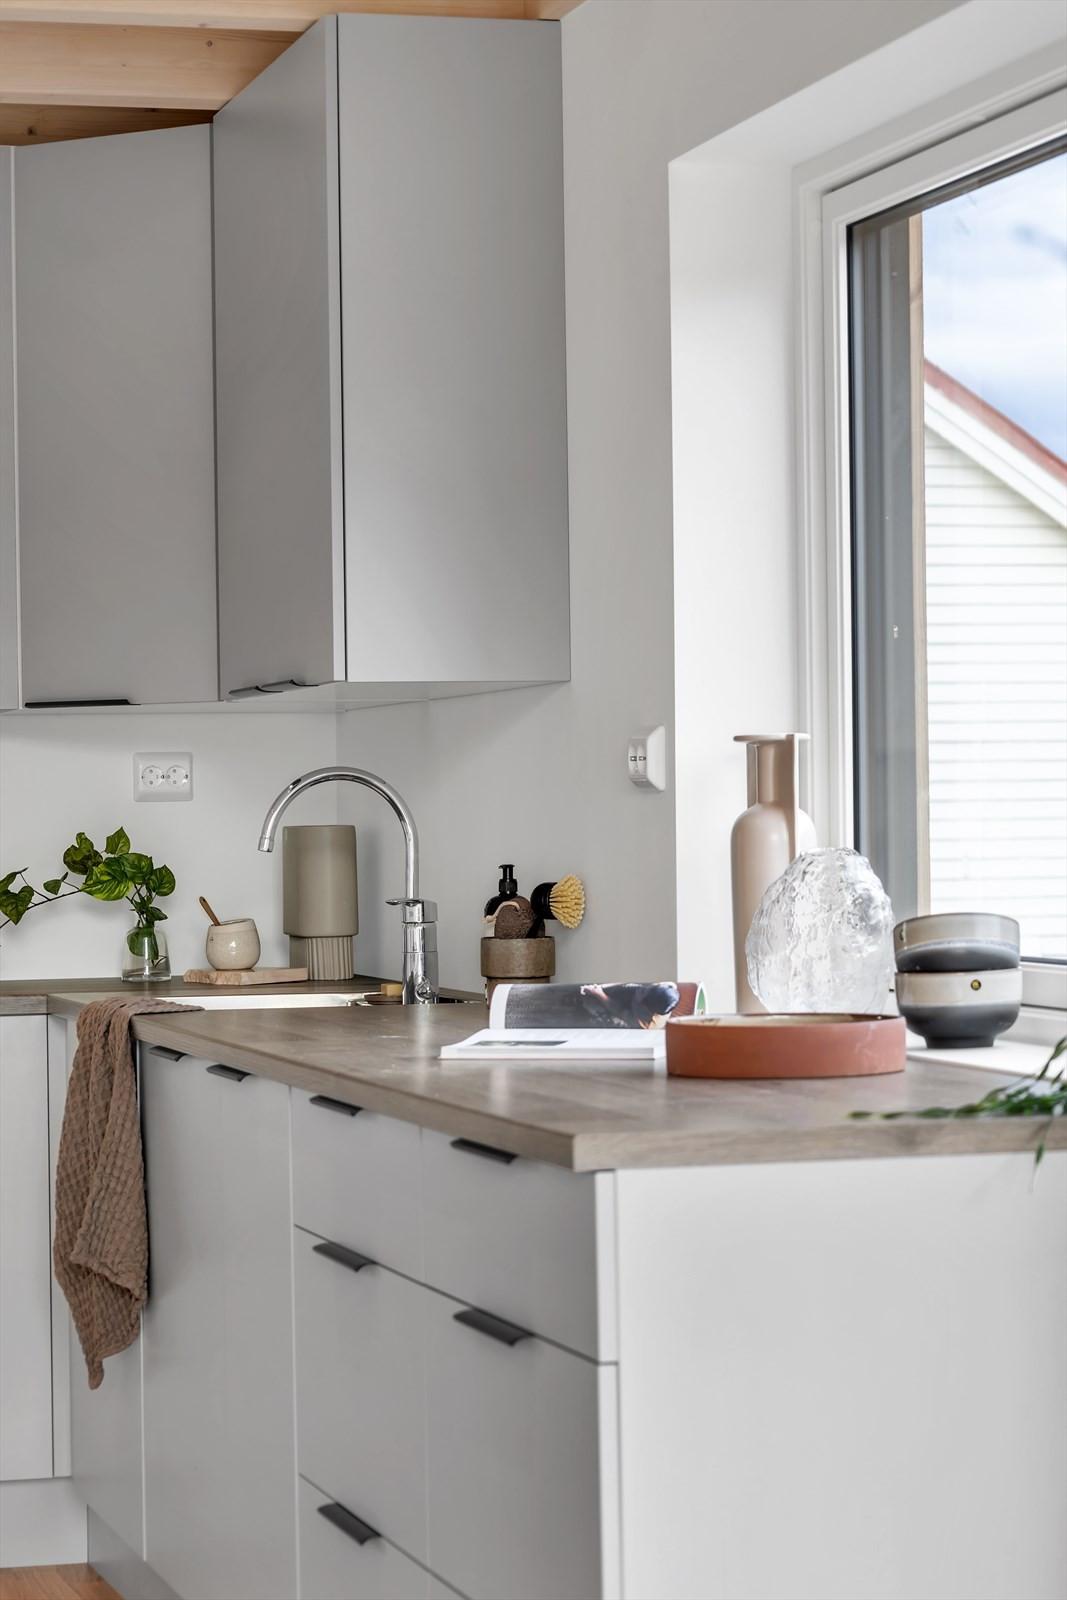 Fin kjøkkeninnredning med skap -og benkeplass